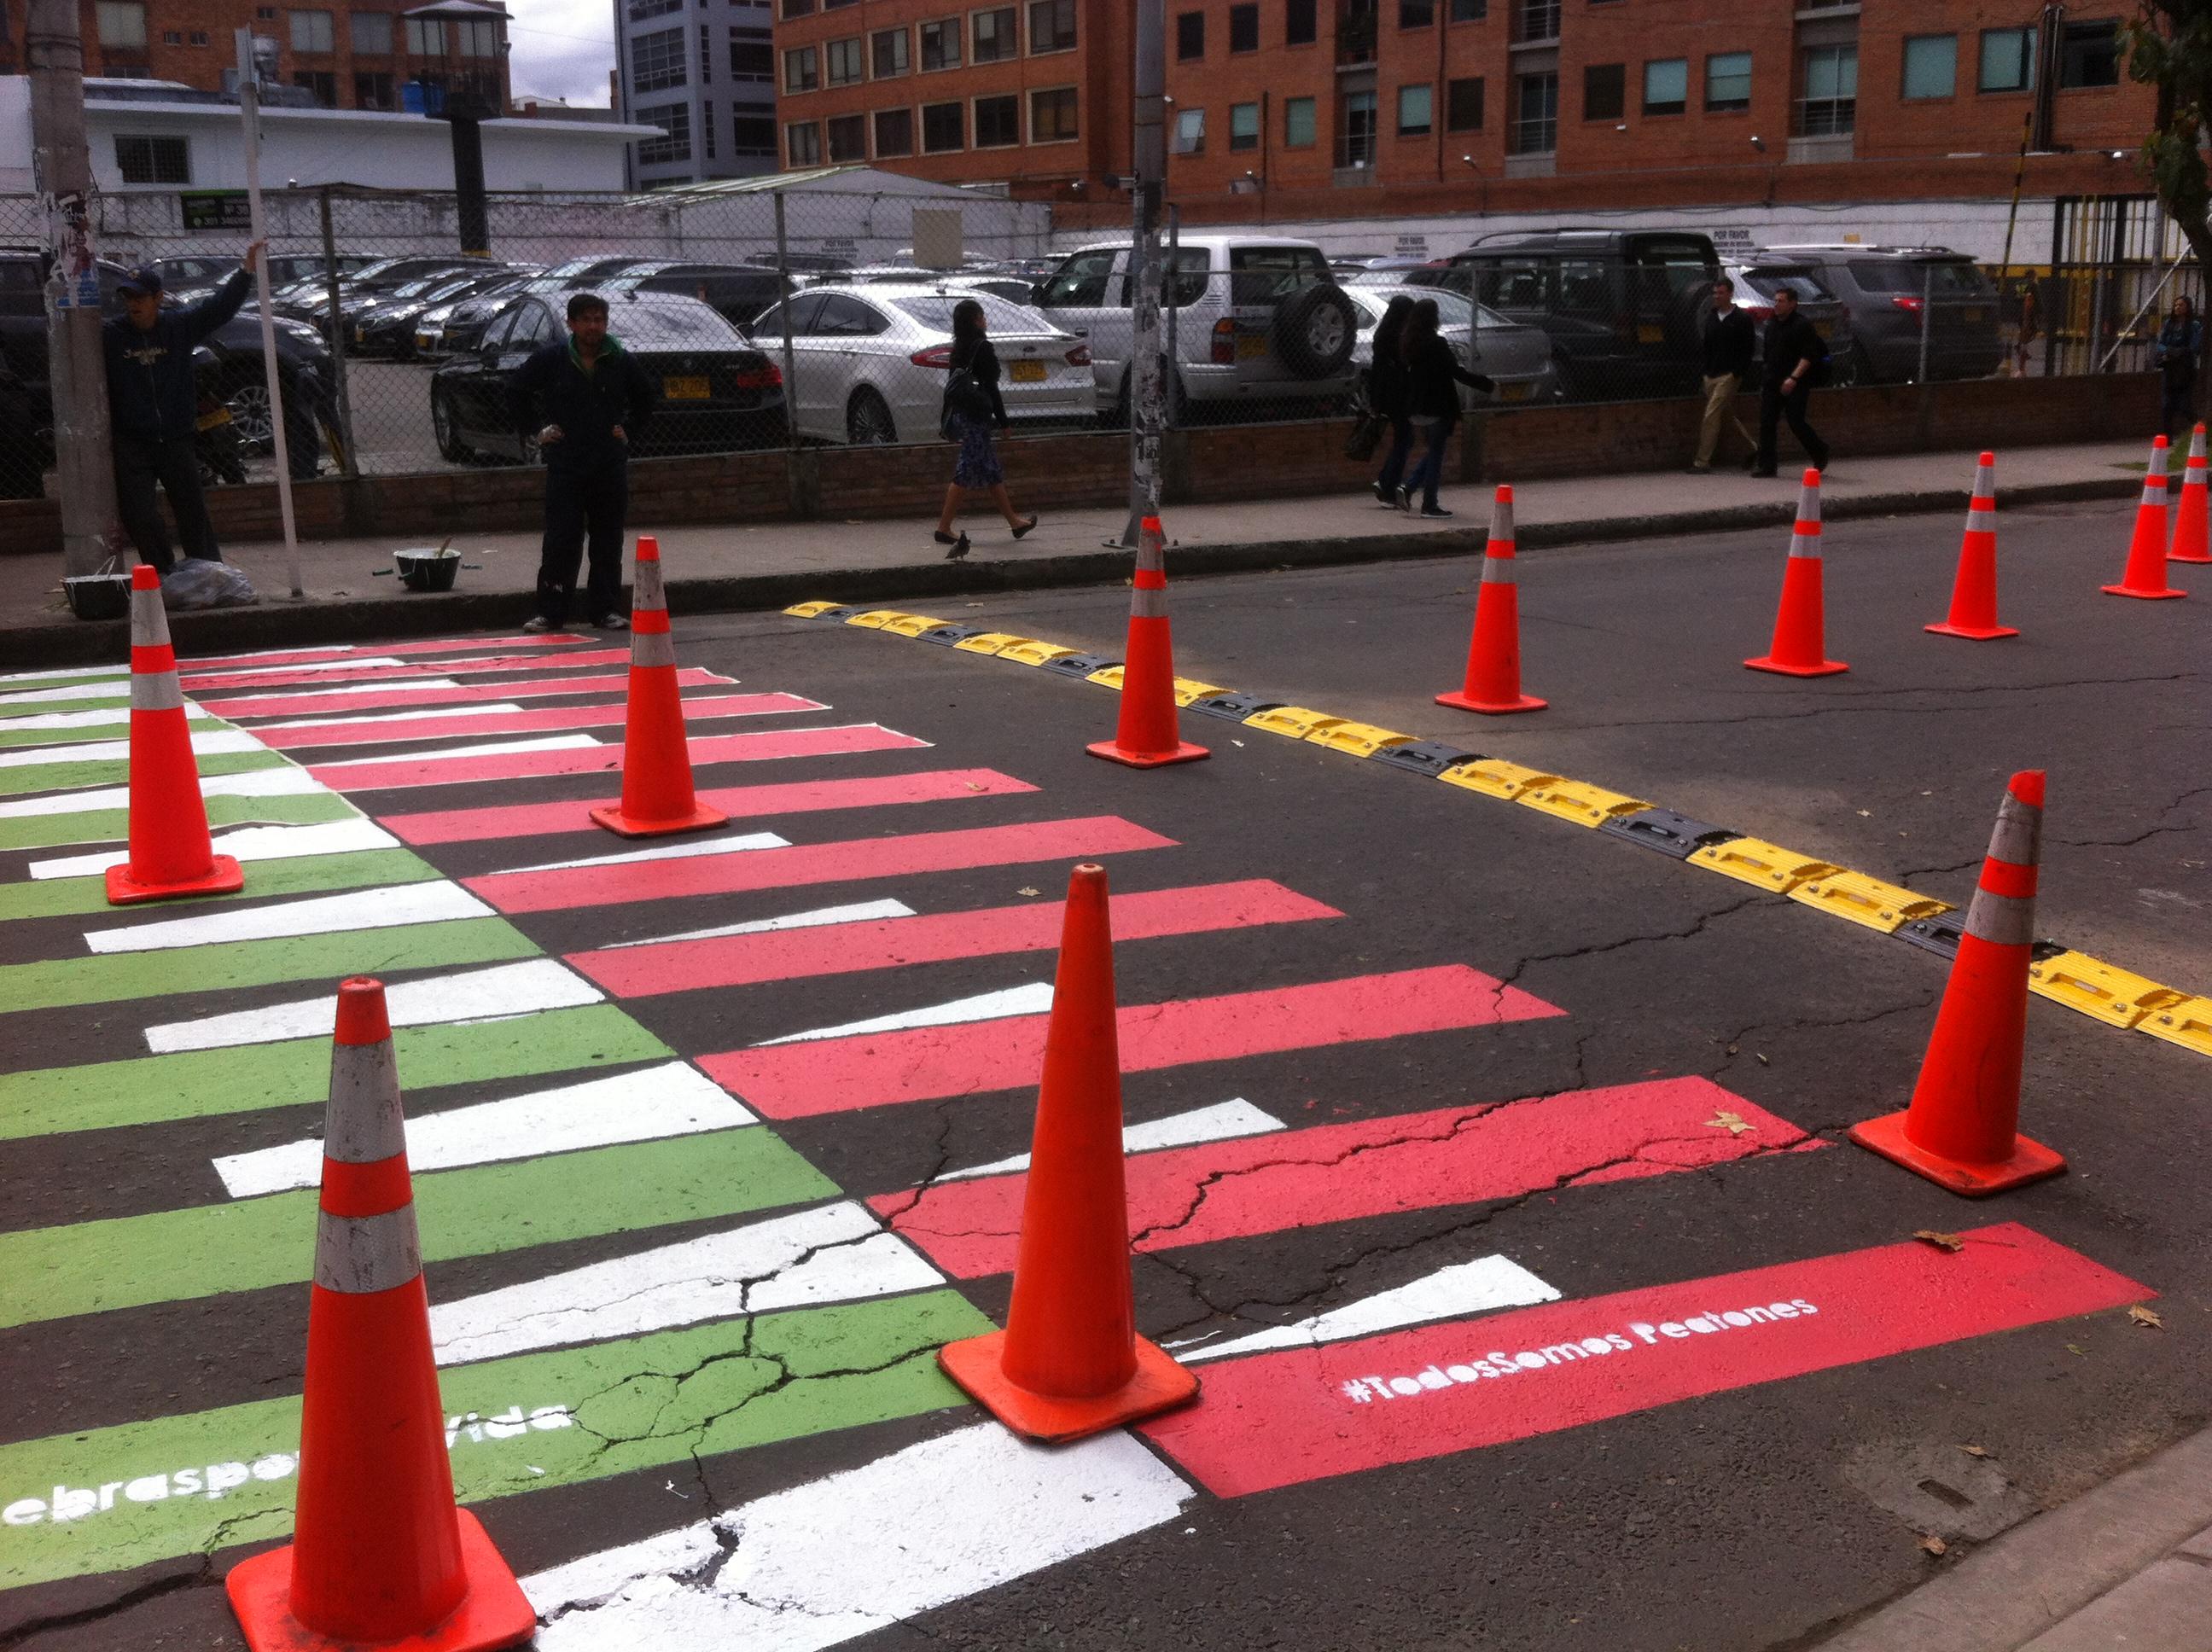 Instalación de reductores de velocidad en punto crítico del Parque.  Elementos de diseño que protegen a peatones.